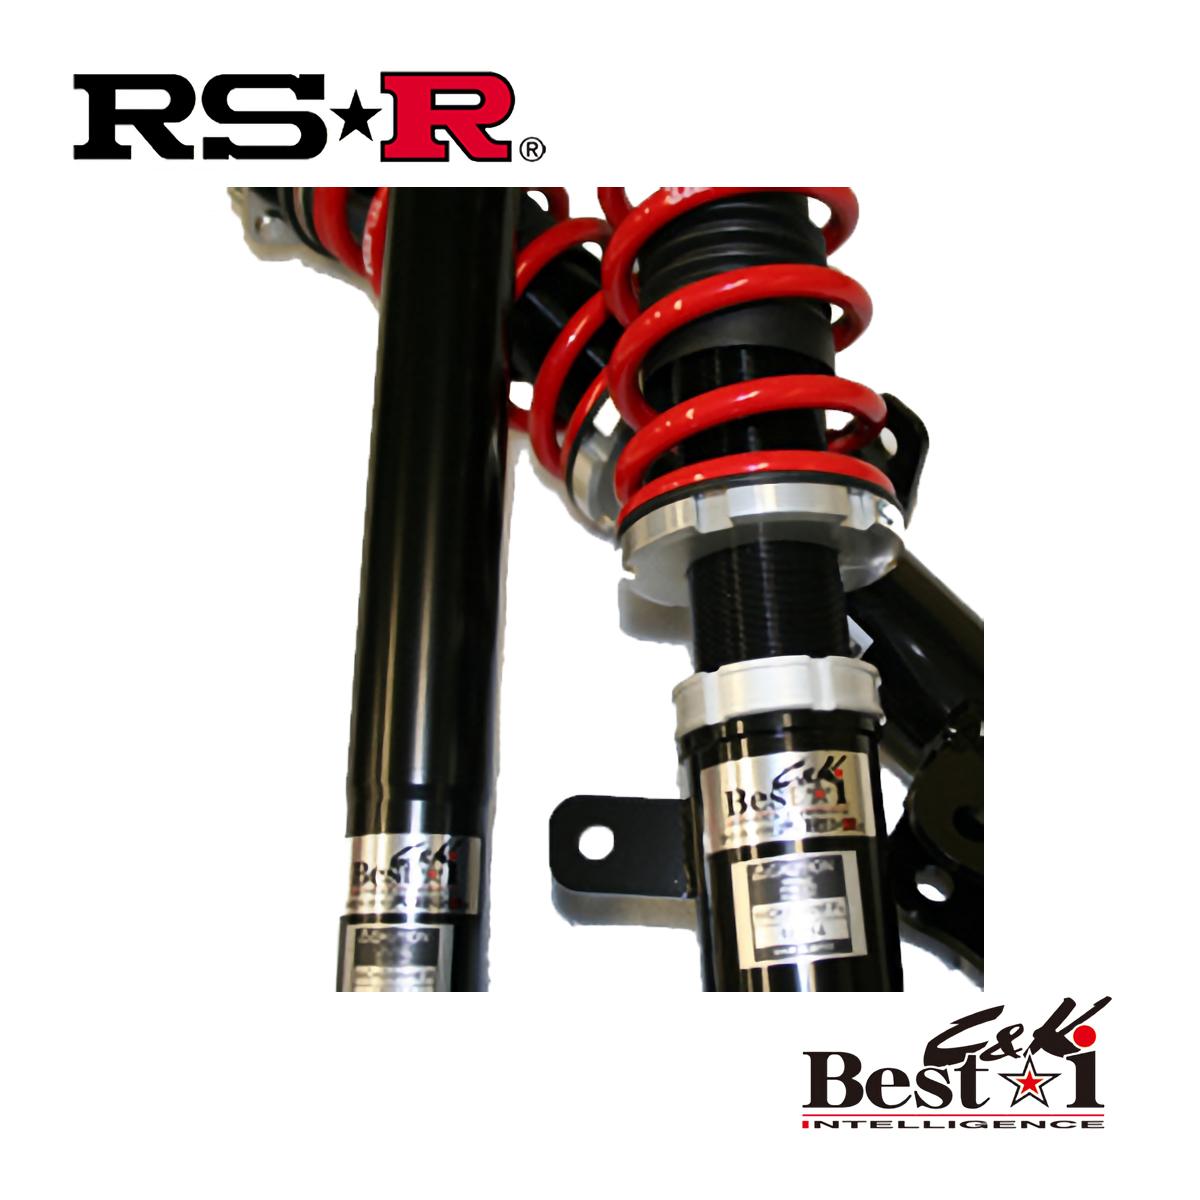 RS-R ワゴンR ハイブリッドFXセーフティパッケージ装着車 MH55S 車高調 リア車高調整:ネジ式 BICKS177M ベストi C&K RSR 条件付き送料無料